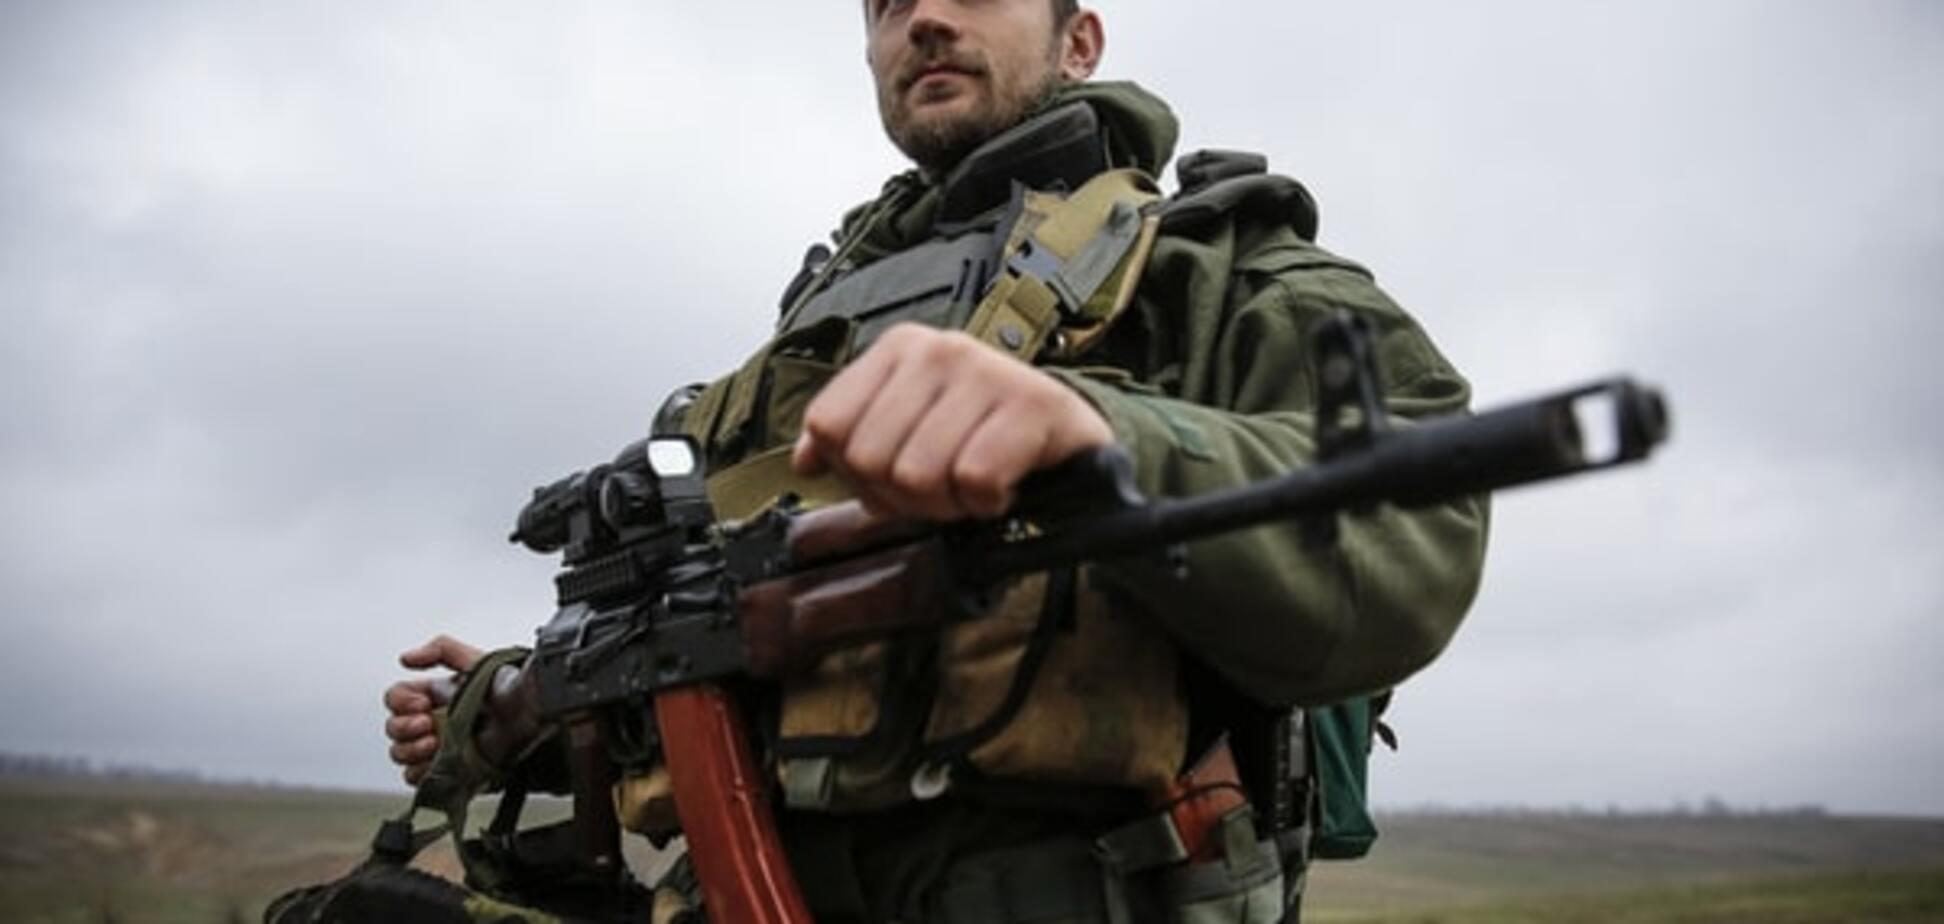 Сили АТО вступили в бій з терористами в Новозванівці: є жертви